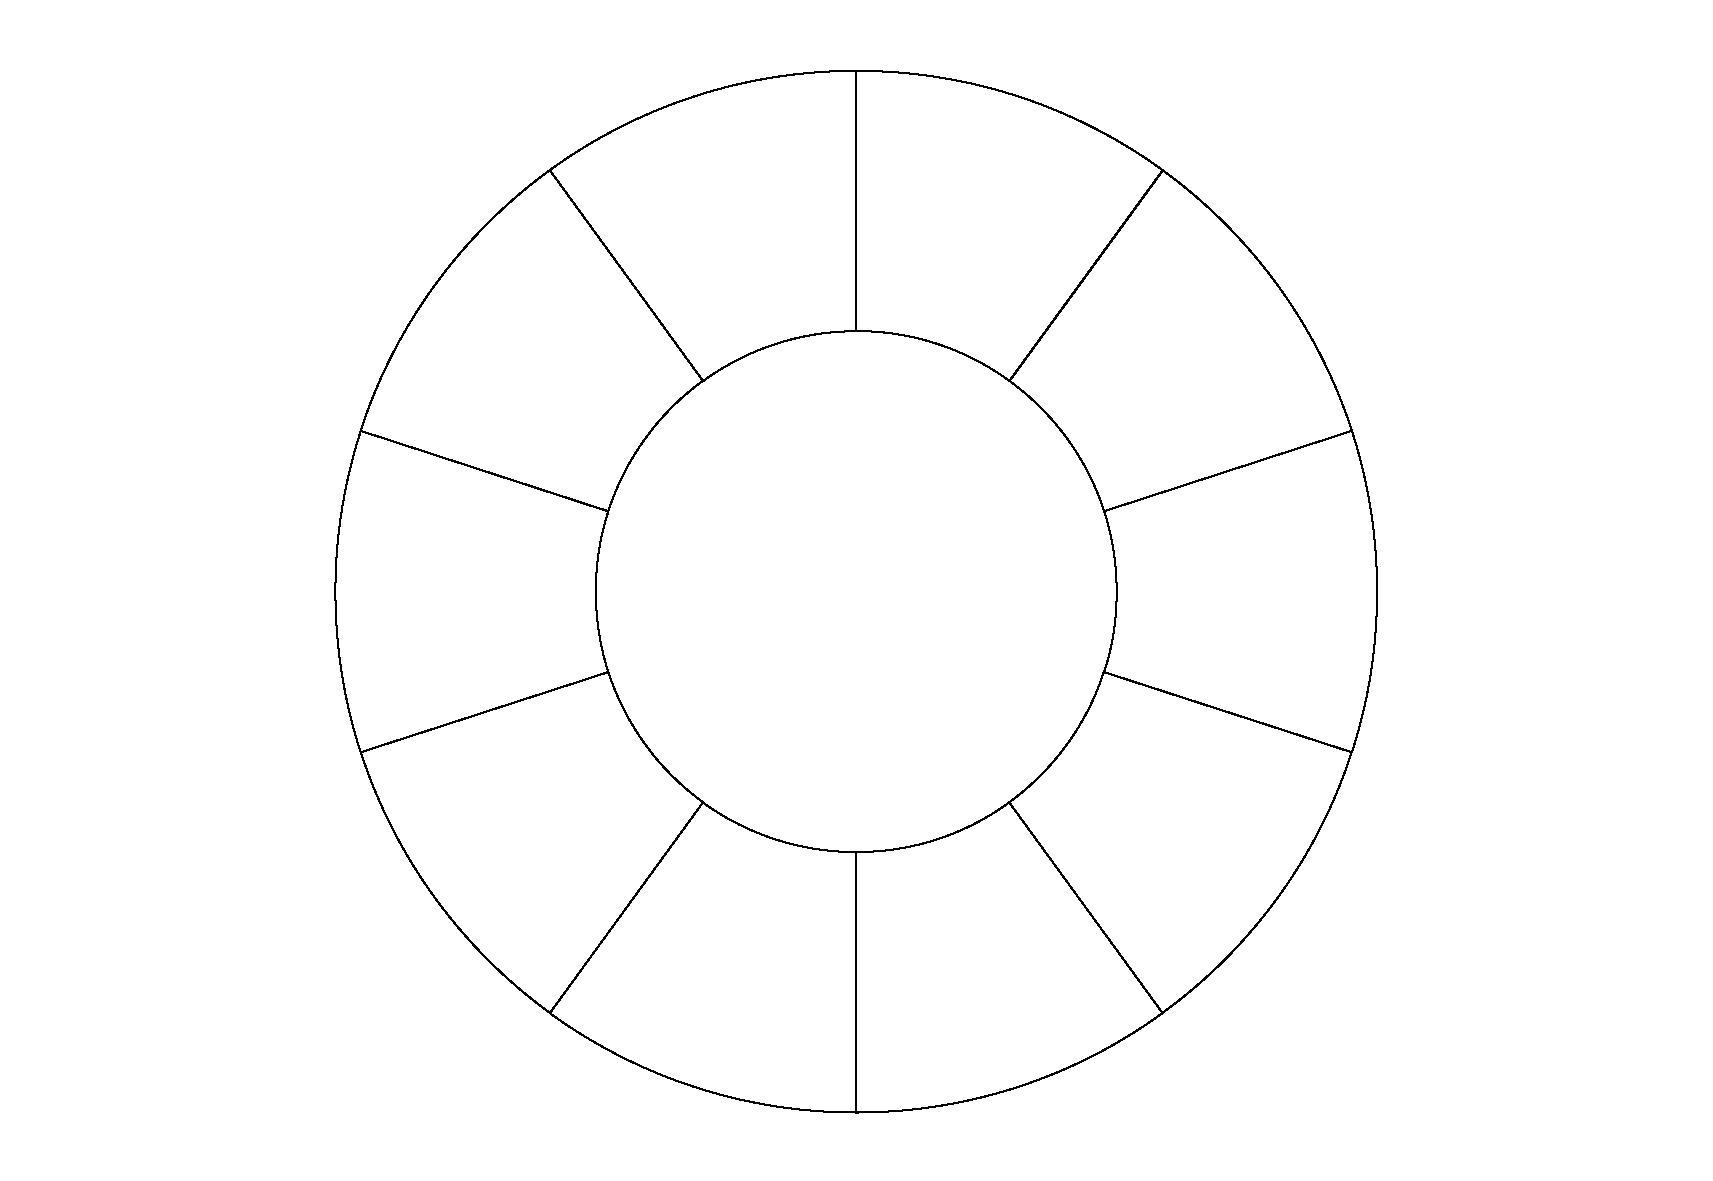 Раскраска Круг с делениями. Скачать .  Распечатать геометрические фигуры